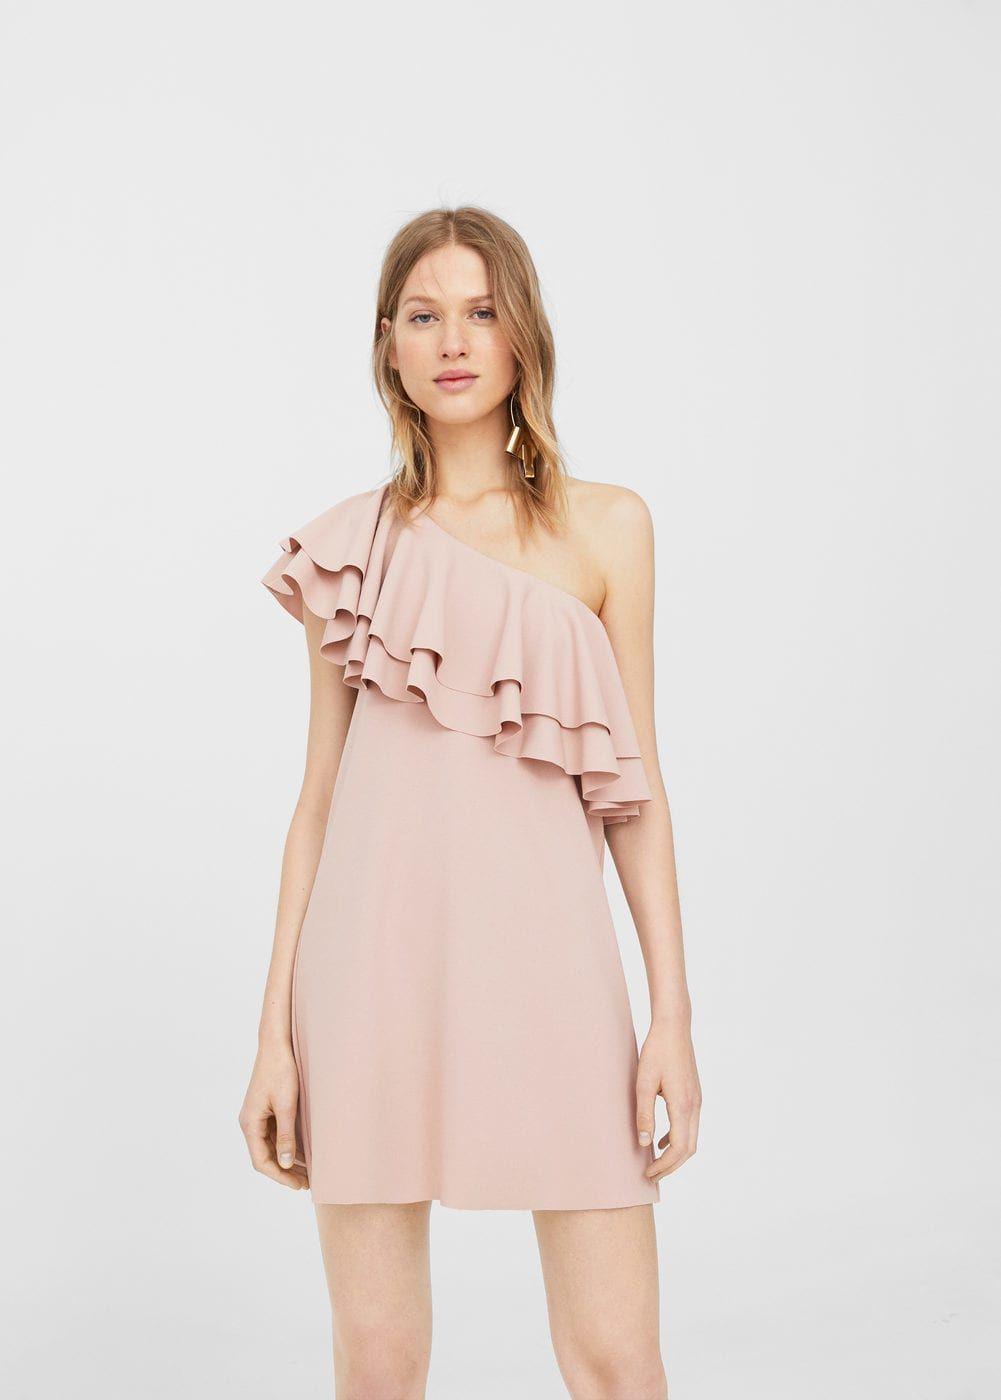 Vestido asimétrico volante - Vestidos de Mujer  b750e31d44f1